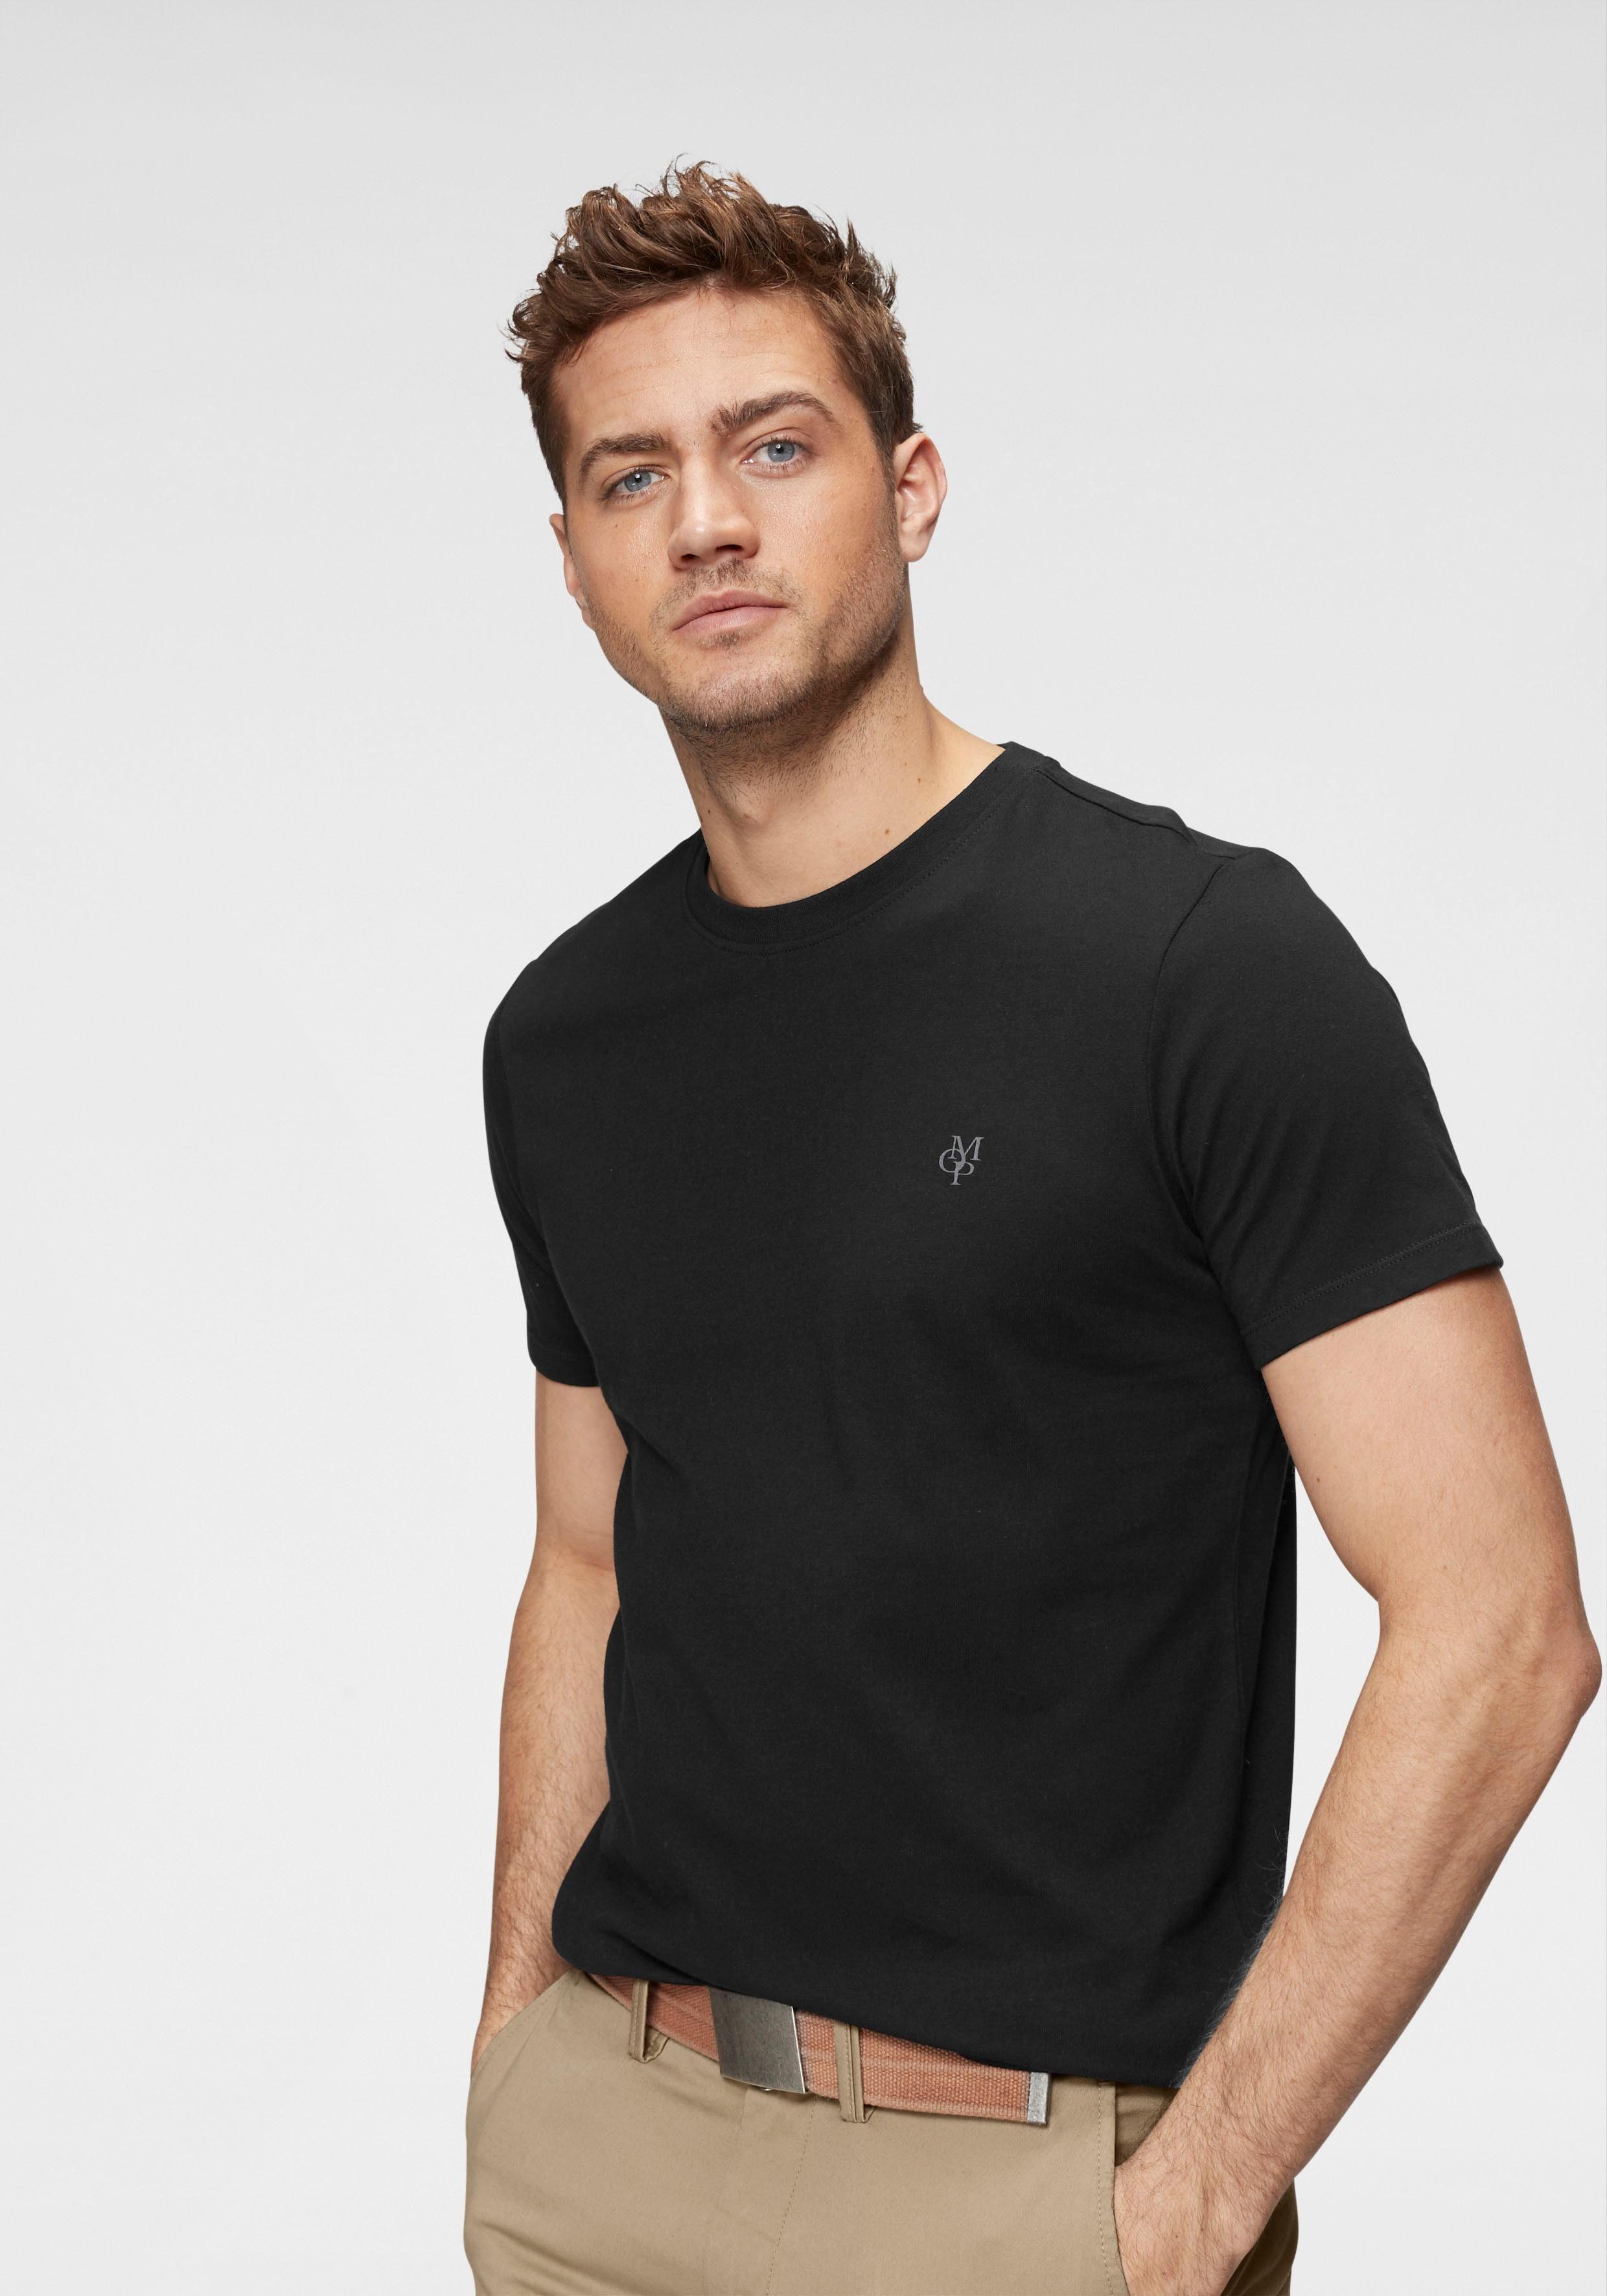 Marc O'Polo T-Shirt Ideal zum Unterziehen, Rundhalsausschnitt